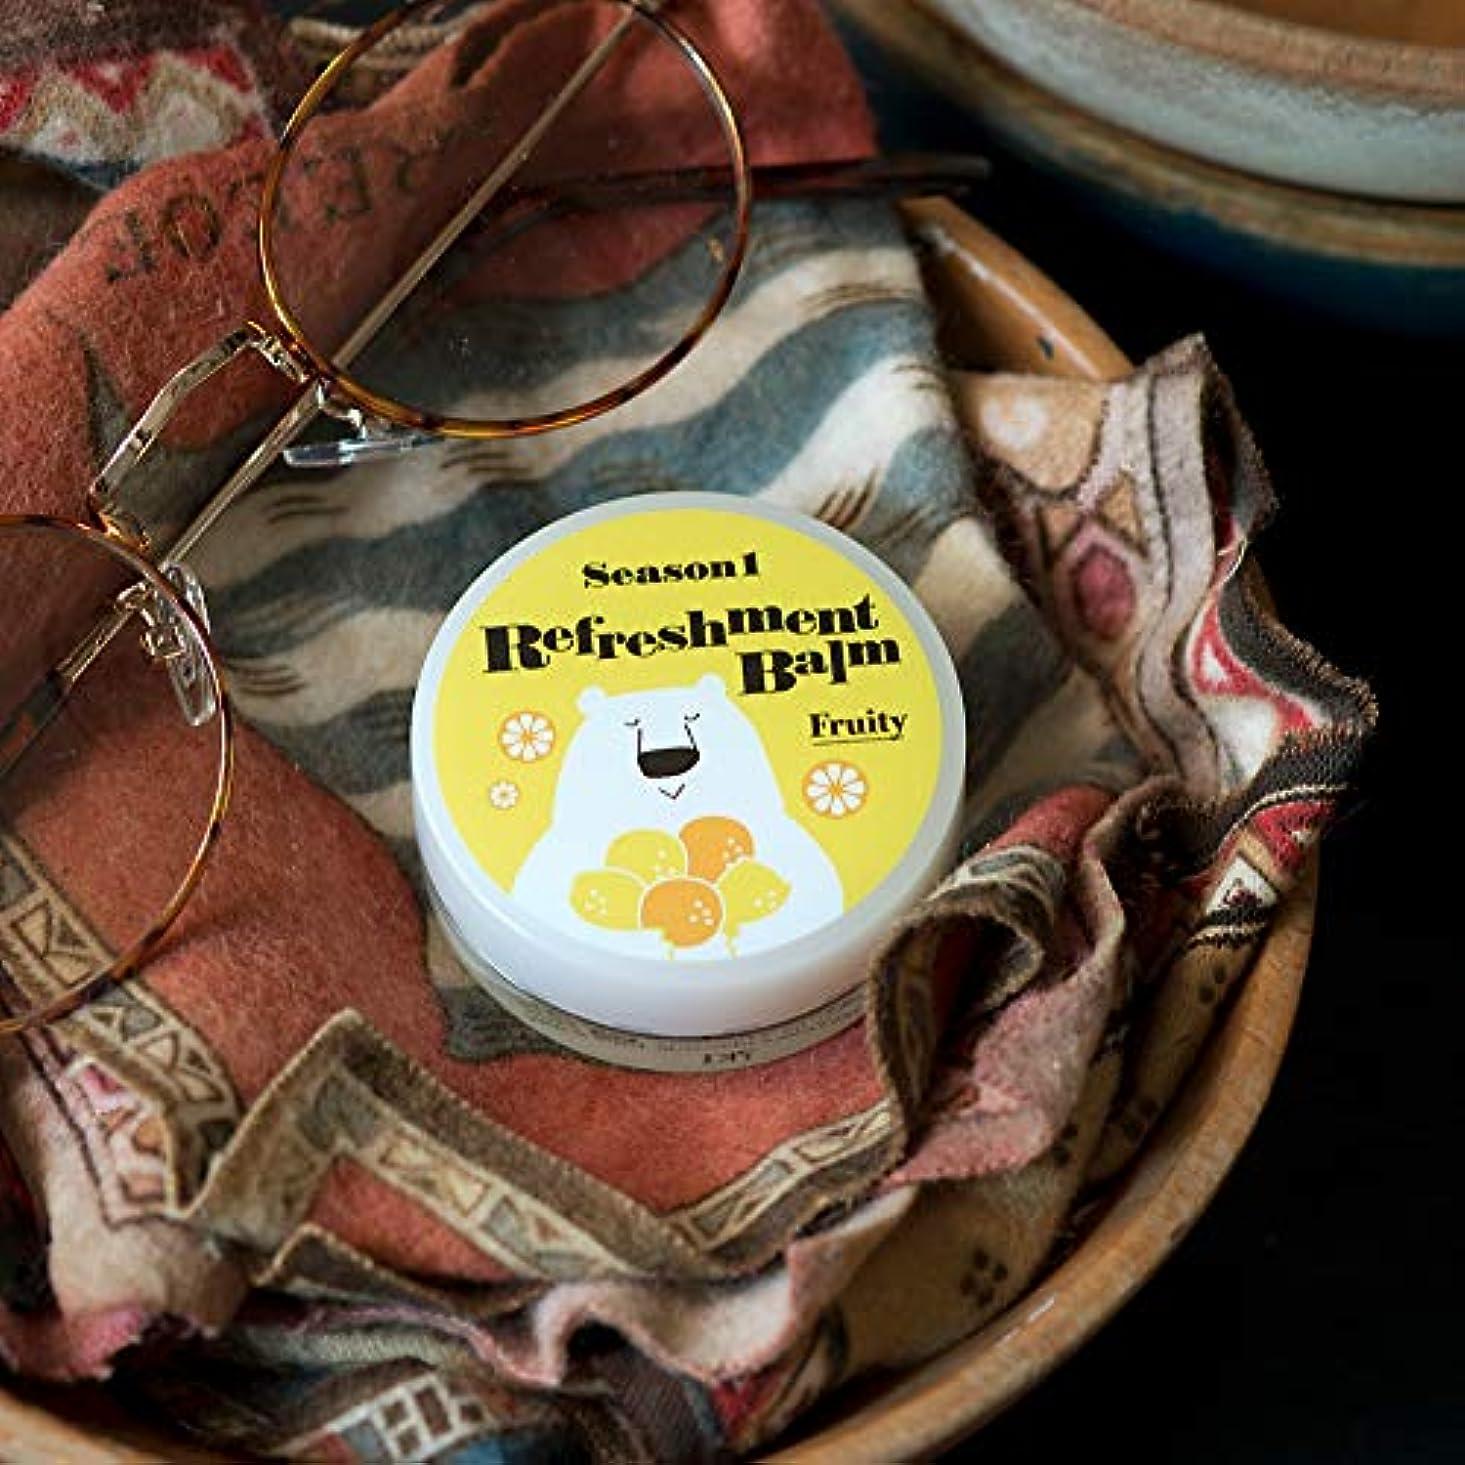 故意にホイッスル扱いやすい(美健)BIKEN カサカサ鼻にひと塗り リフレッシュメントバーム フルーティ エッセンシャルオイル(精油)のみで香り付け